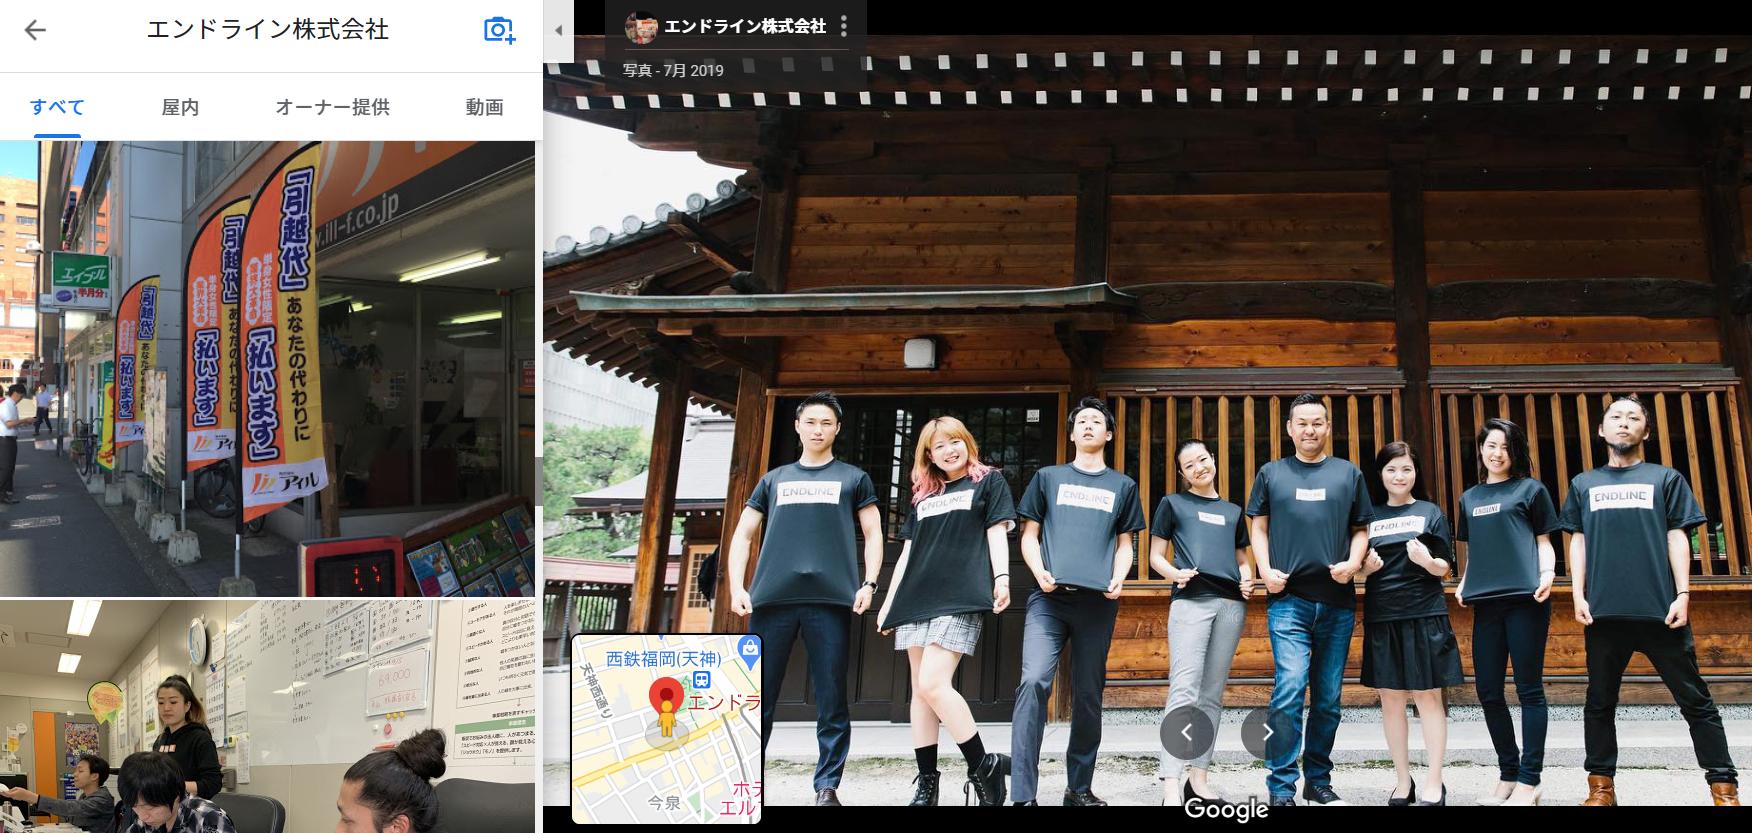 グーグルマップの画像